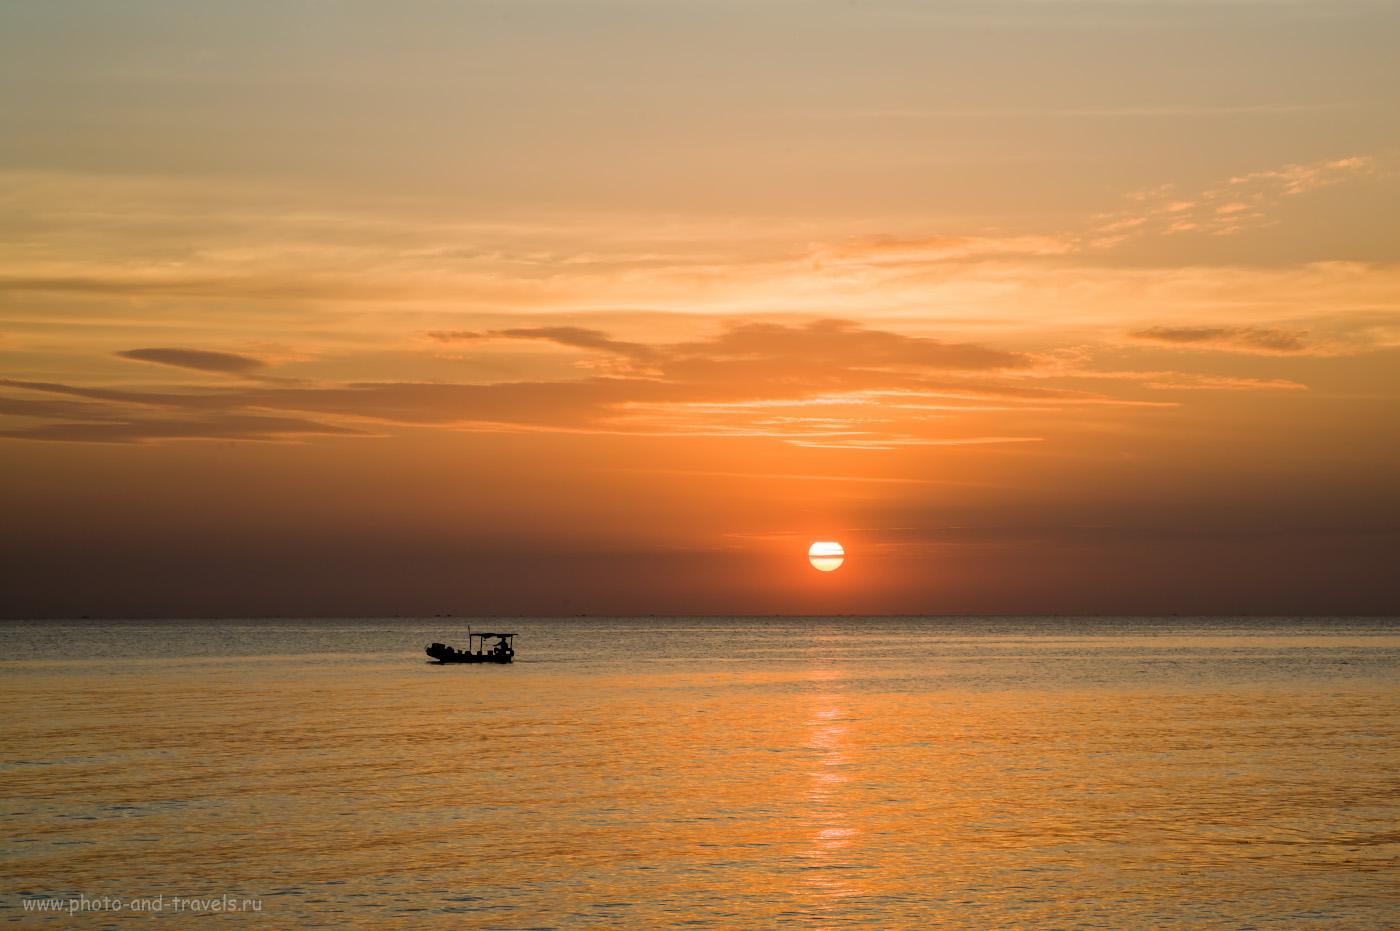 Фото 14. Вечерняя рыбалка у пляжа Онг Ланг. Красивые закаты на Фукуоке. 1/50, 16.0, 100, 80.